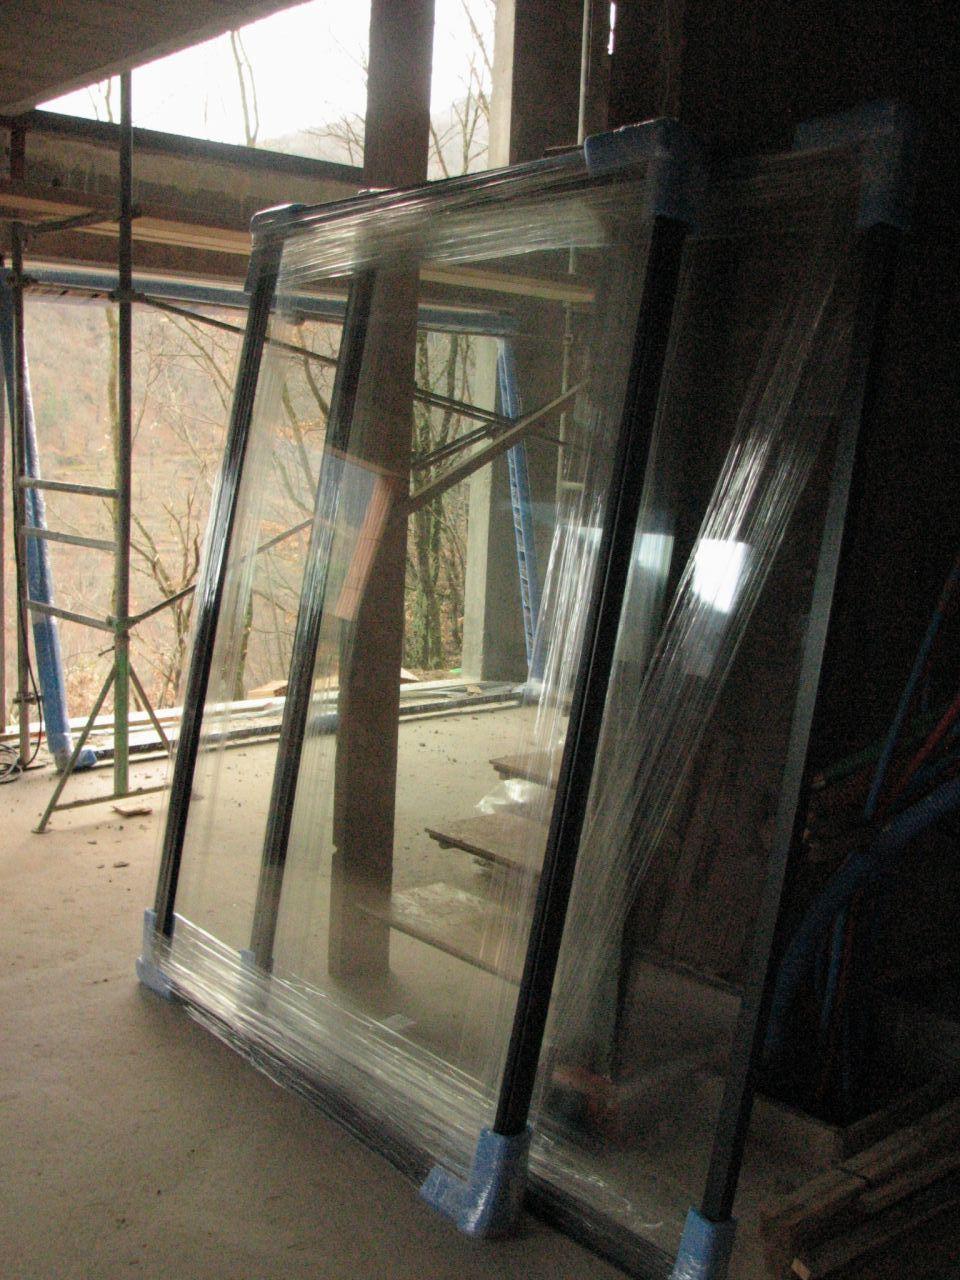 Les vantaux de la baie vitrée à installer